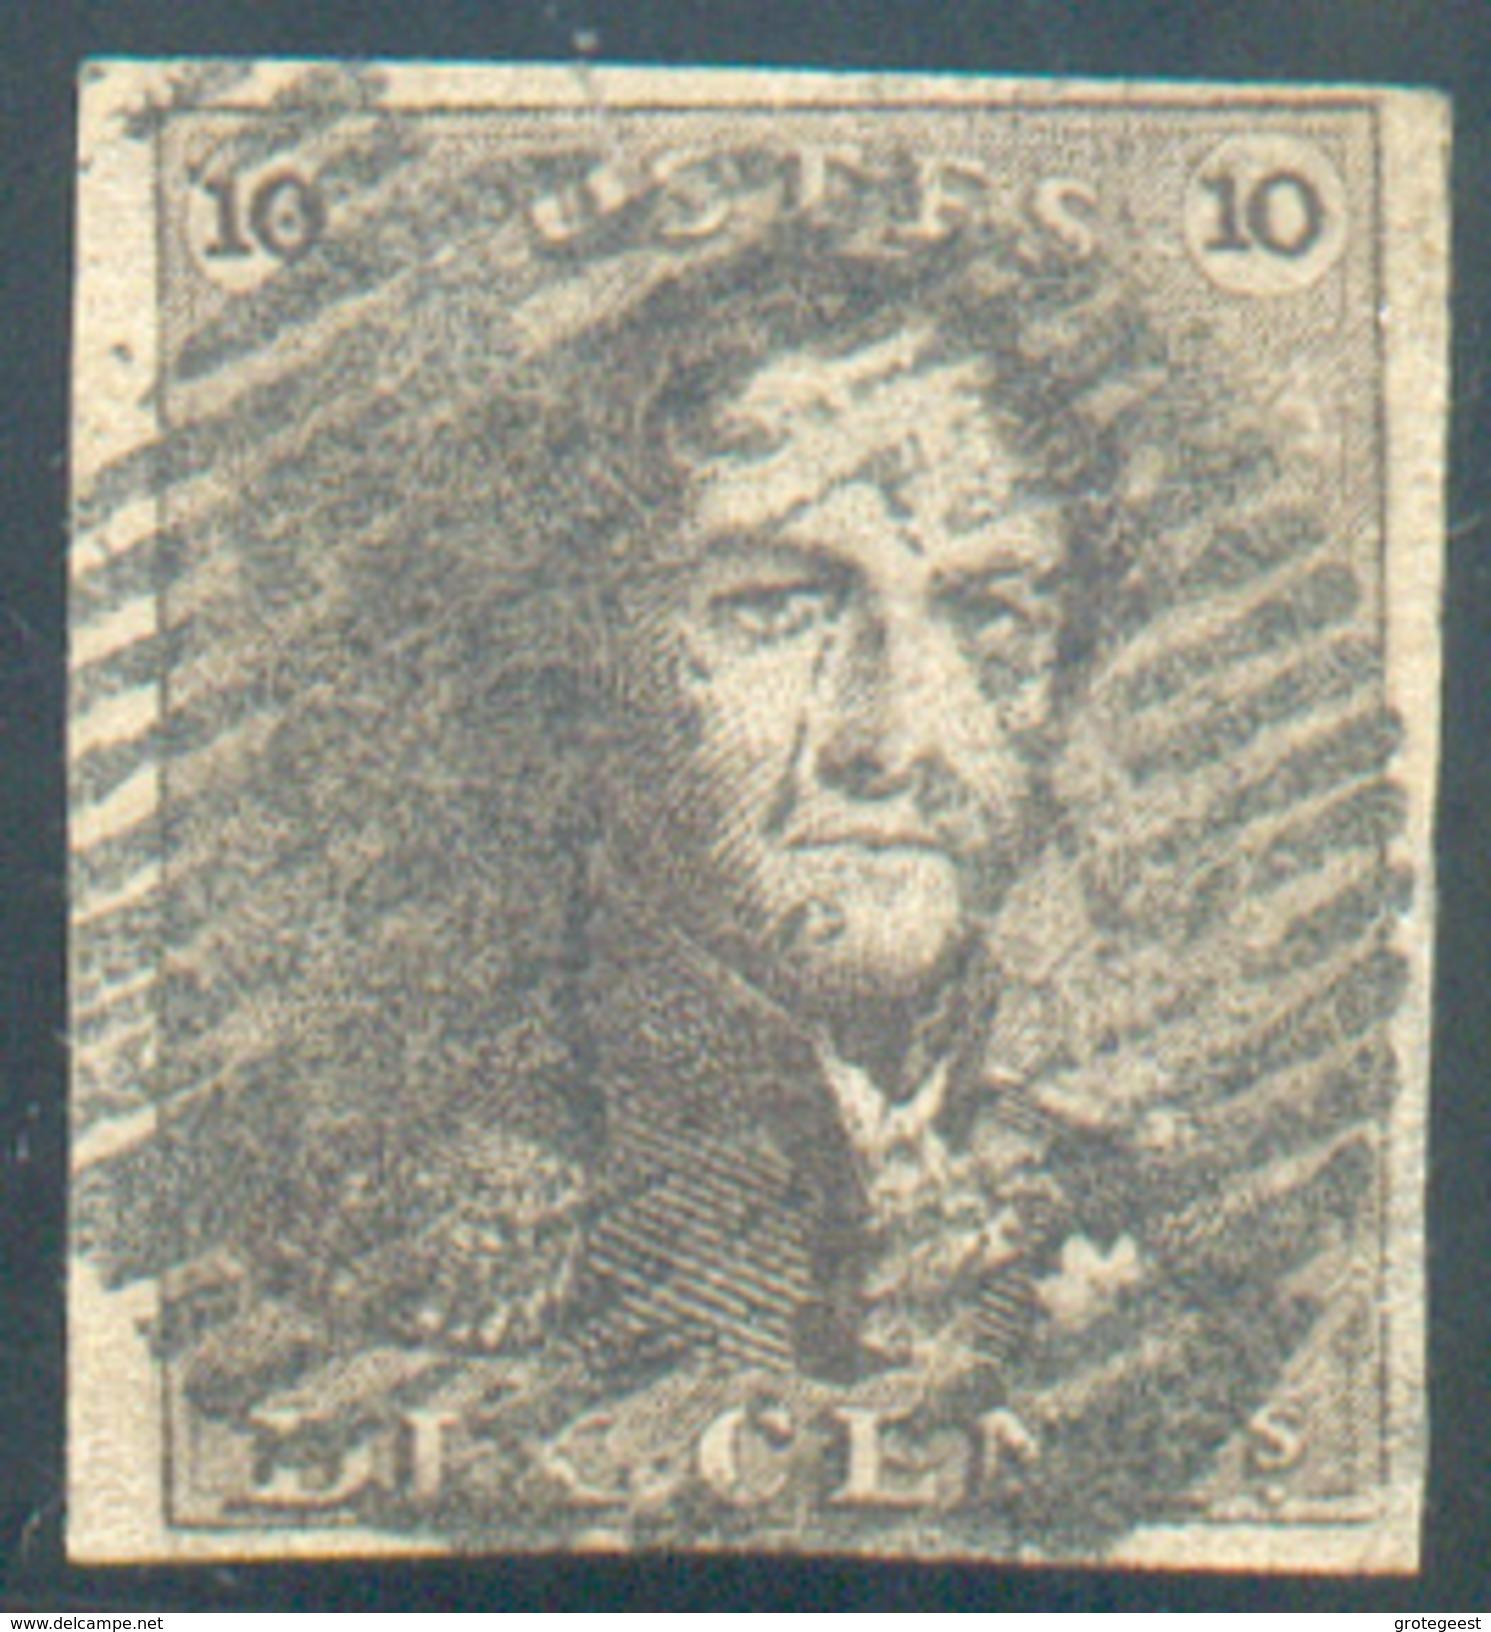 N°1 - Epaulette 10 Centimes Brun, Margée Et  Obl. P.73 LIEGE Finement Apposée - 11623 - 1849 Epaulettes